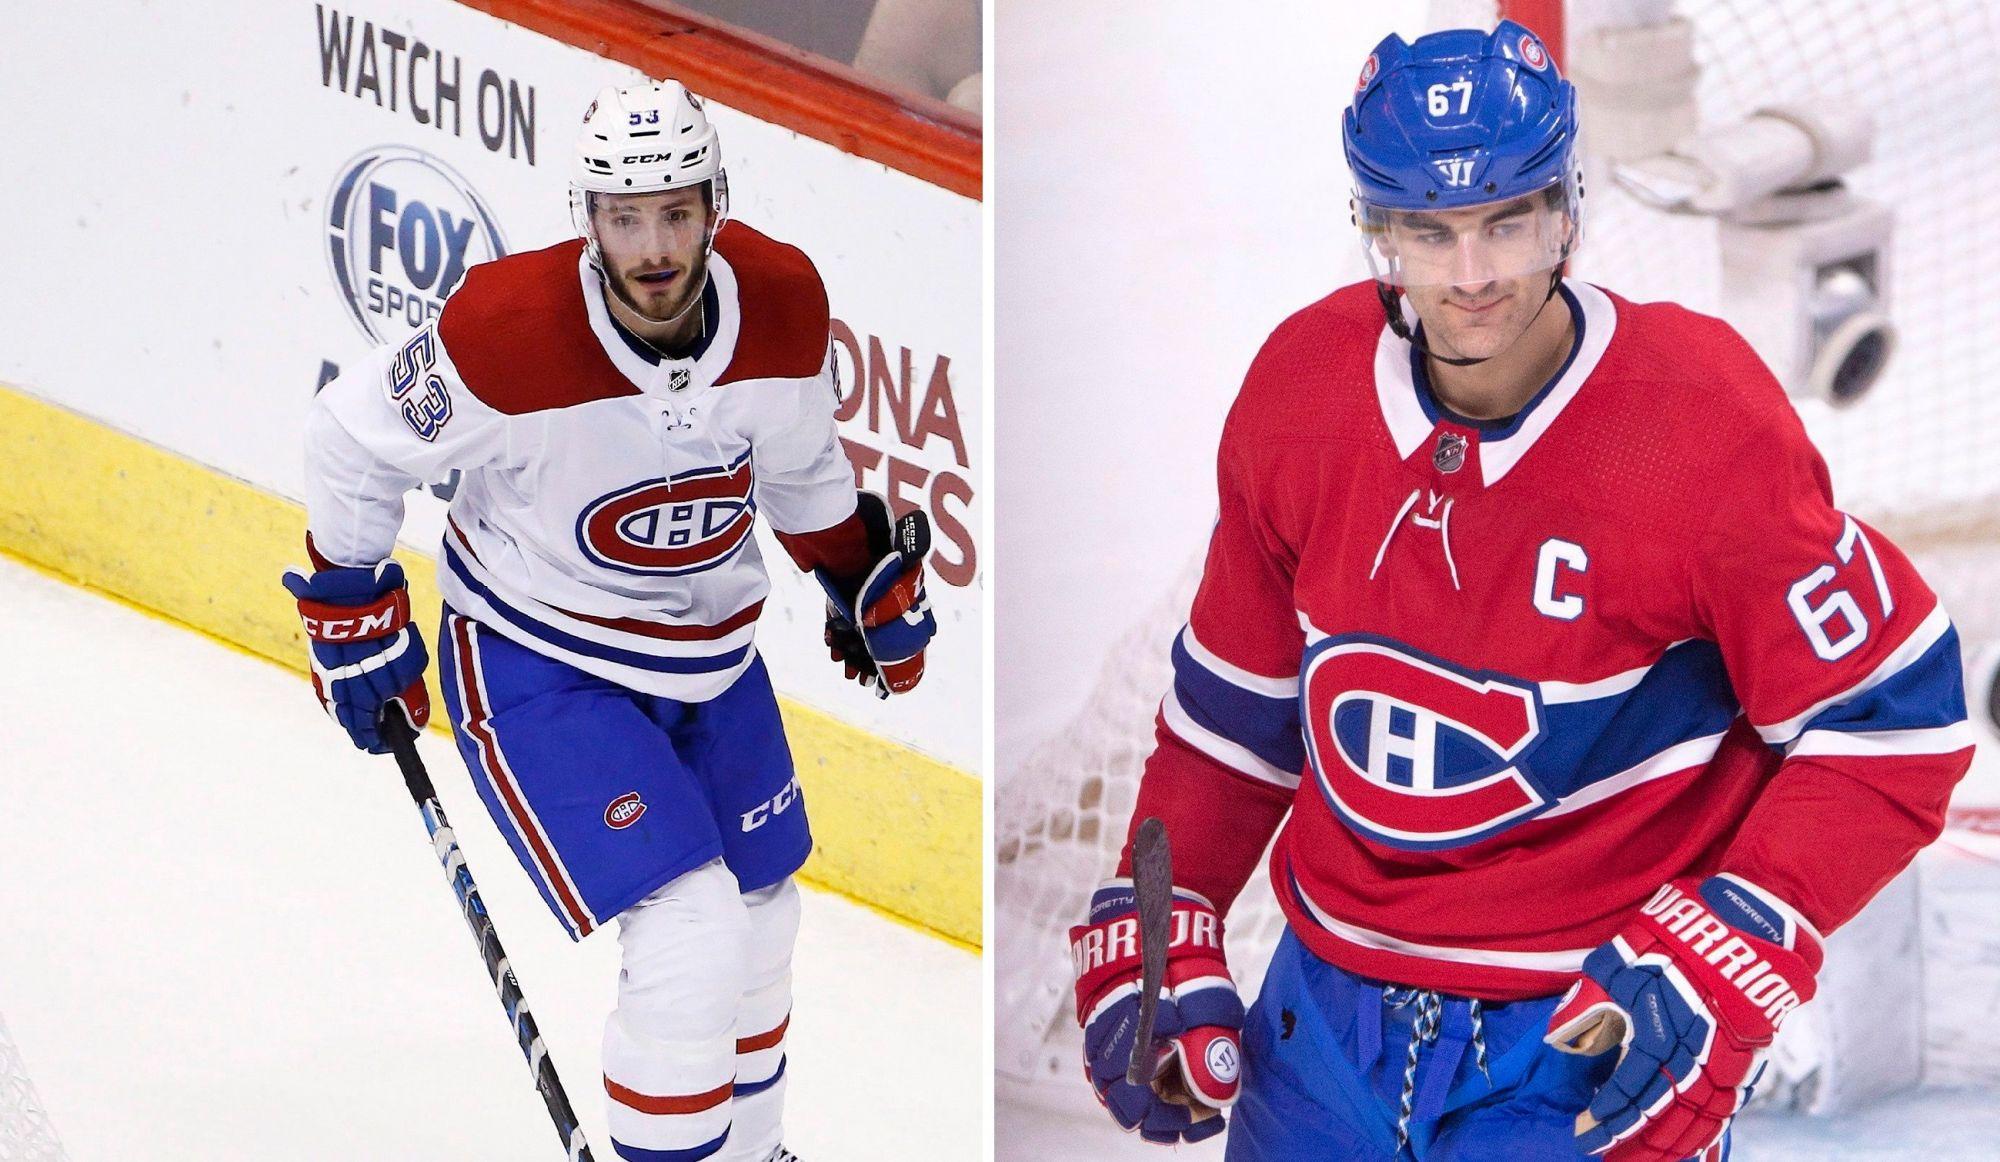 Max Pacioretty rentre à Montréal — Canadiens